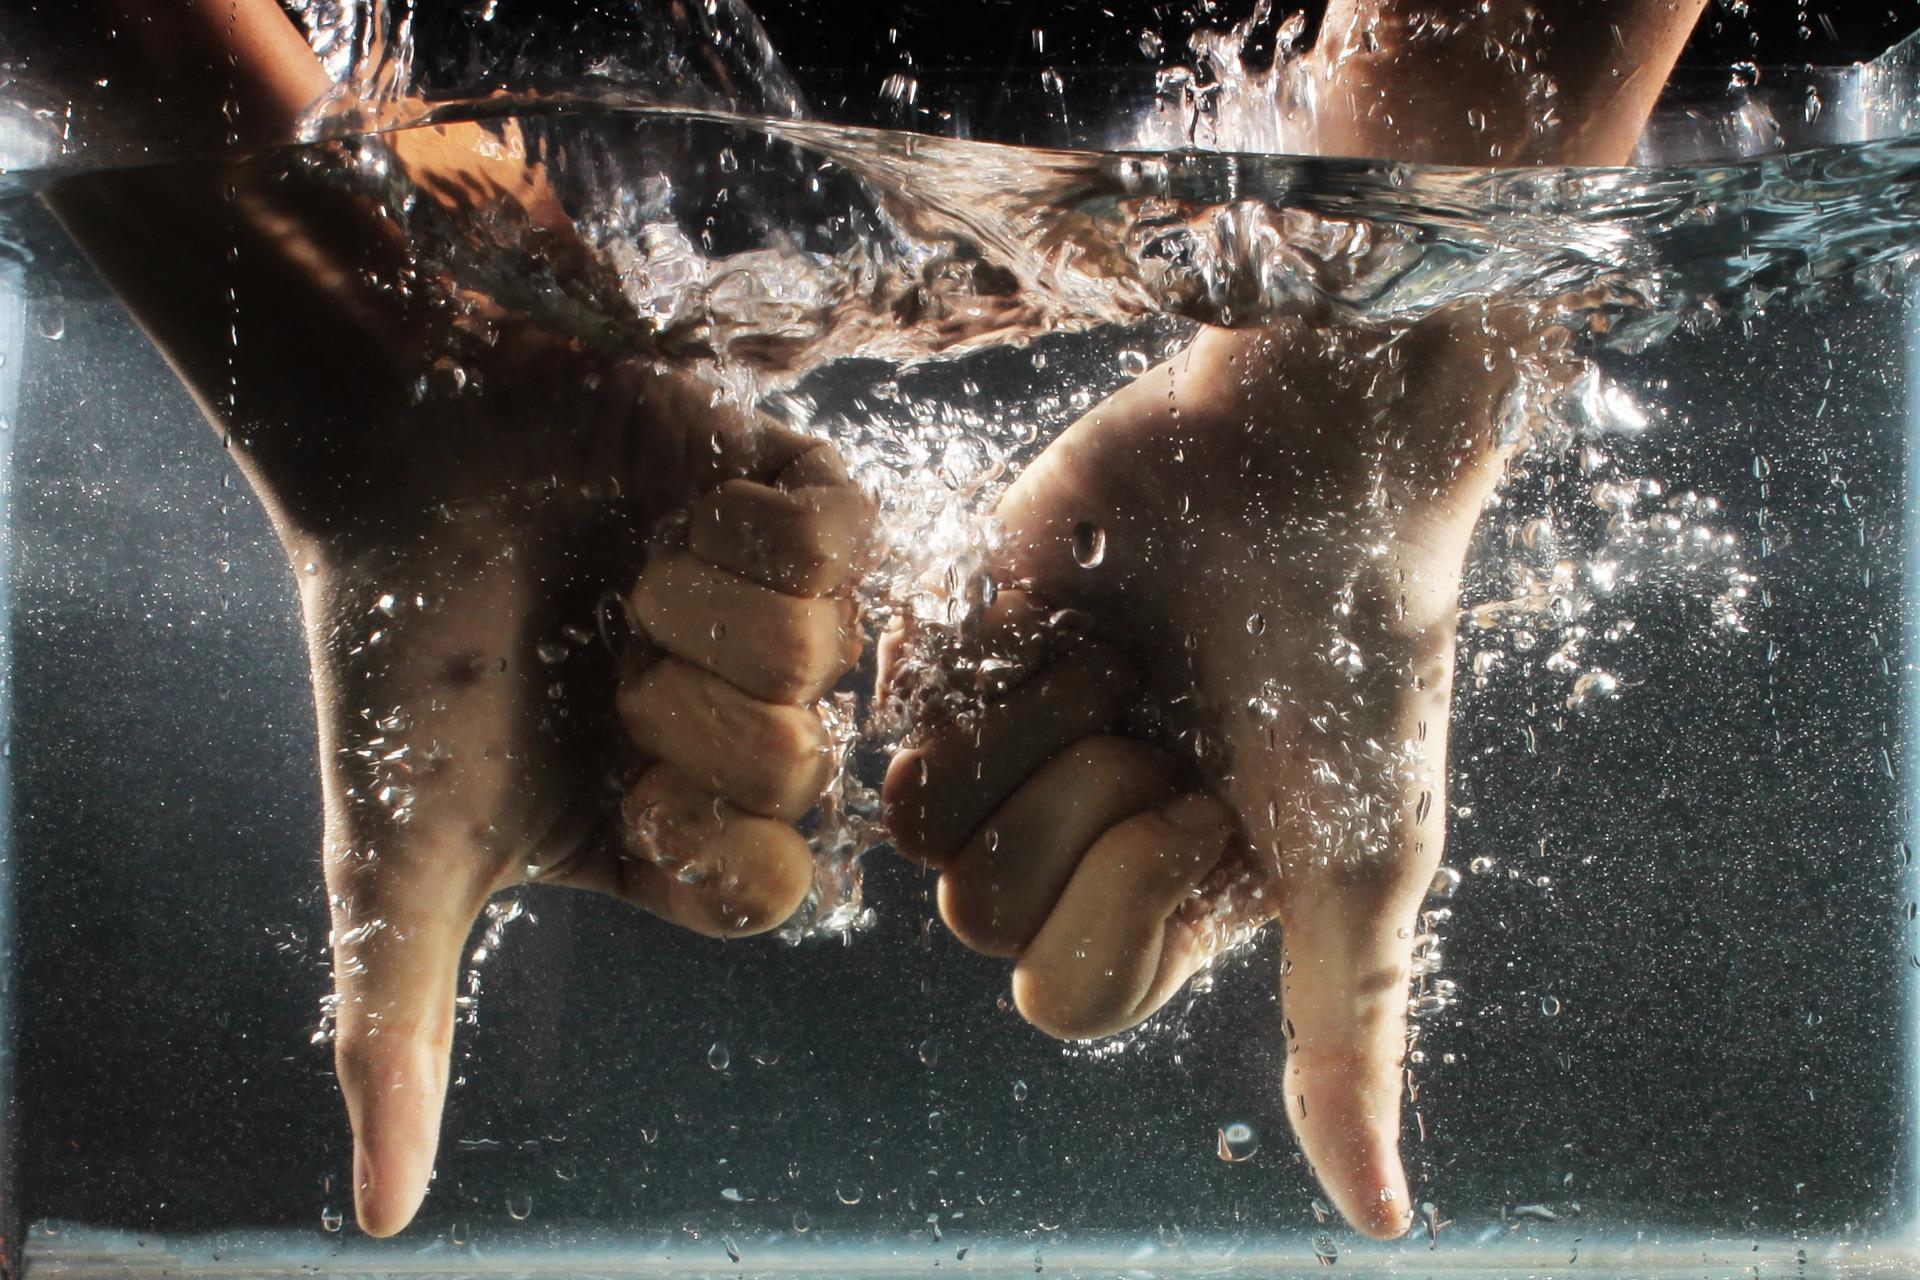 水の中で2人が嫌いあっている様子